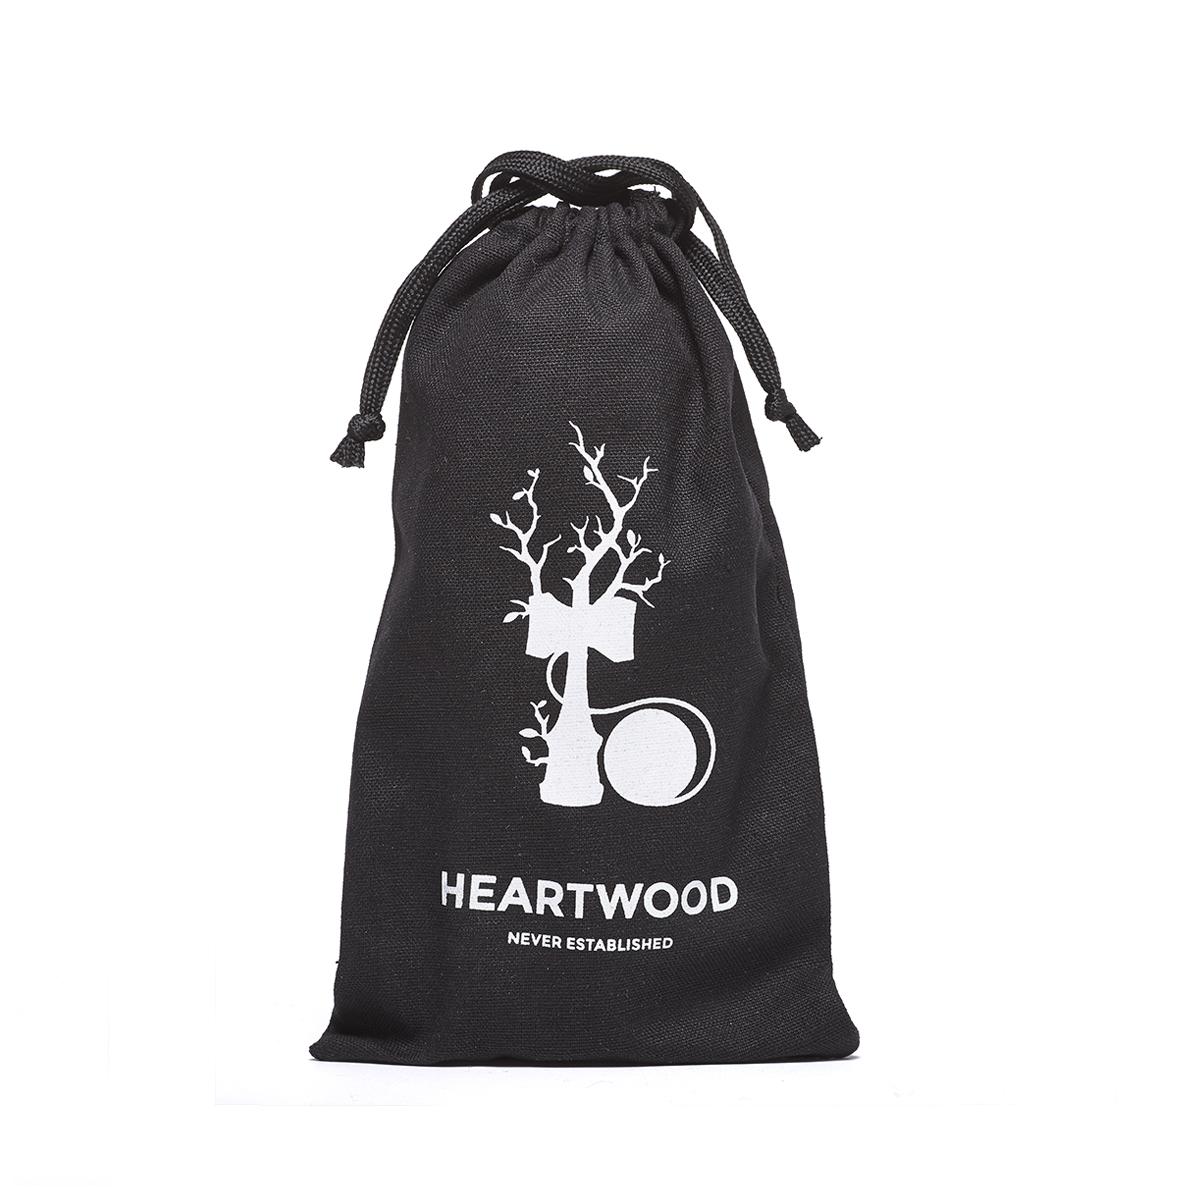 Heartwood Kendama Carry Bag